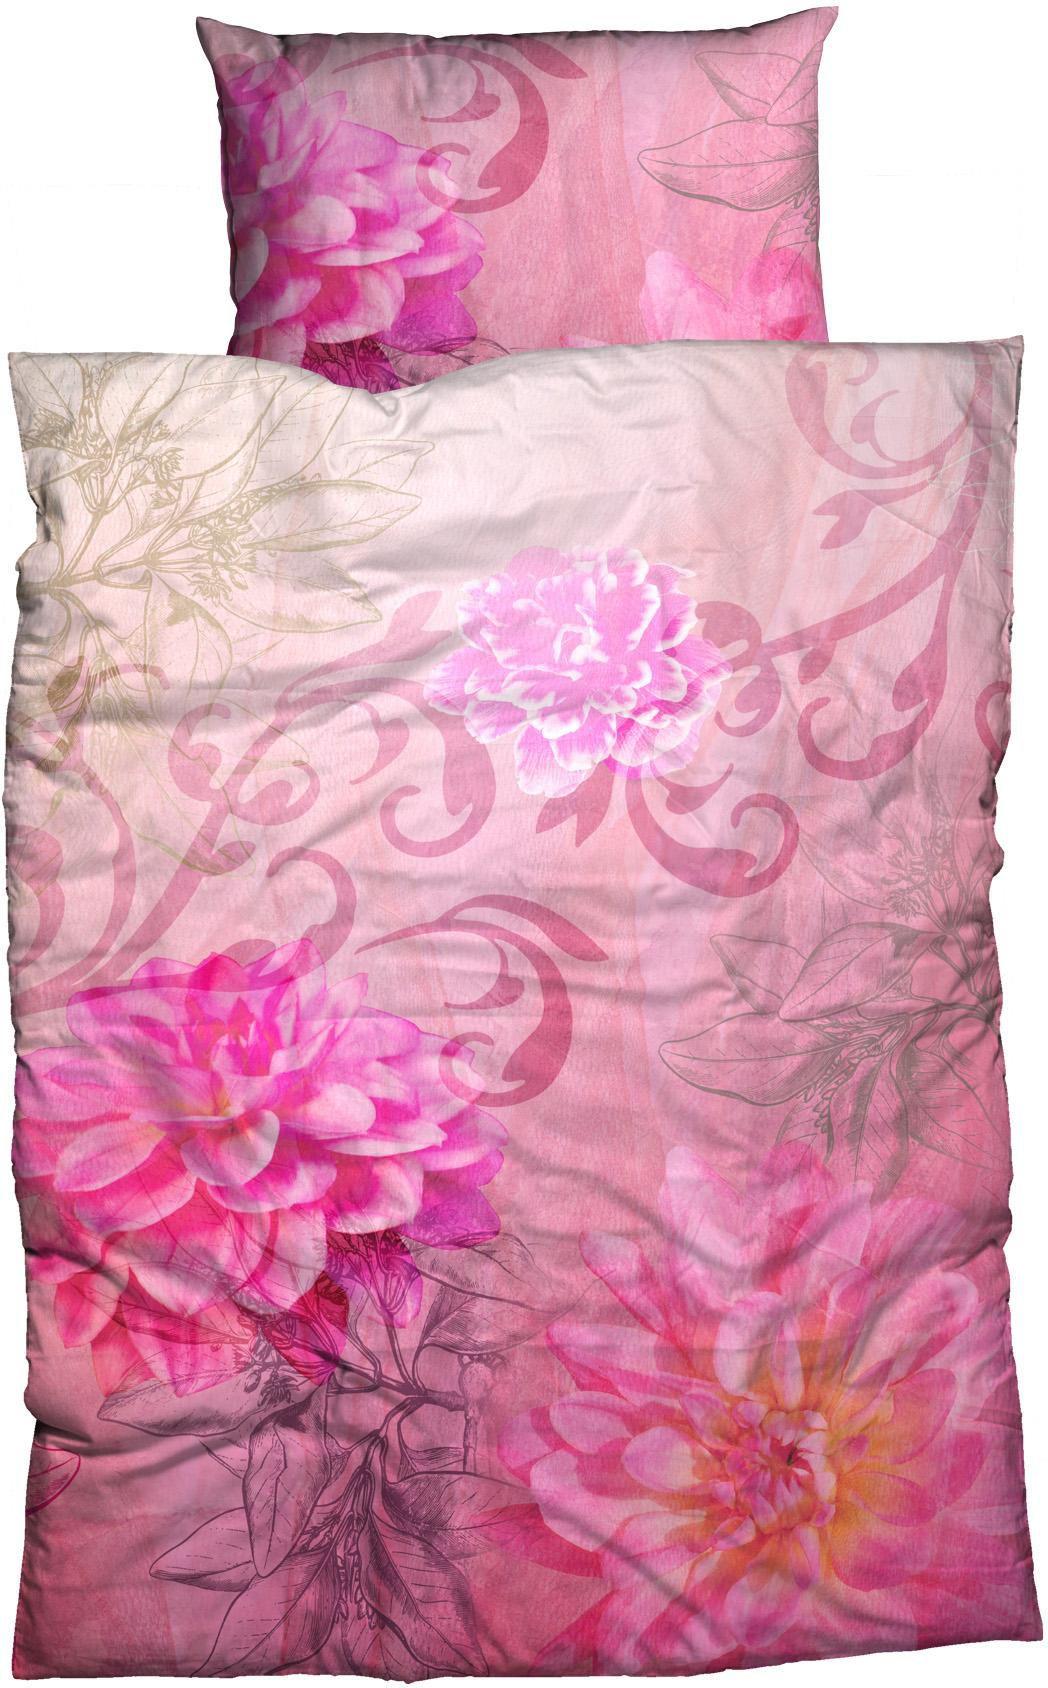 CASATEX Bettwäsche, Casatex, »Violetta Flower«, mit Blütenmotiv